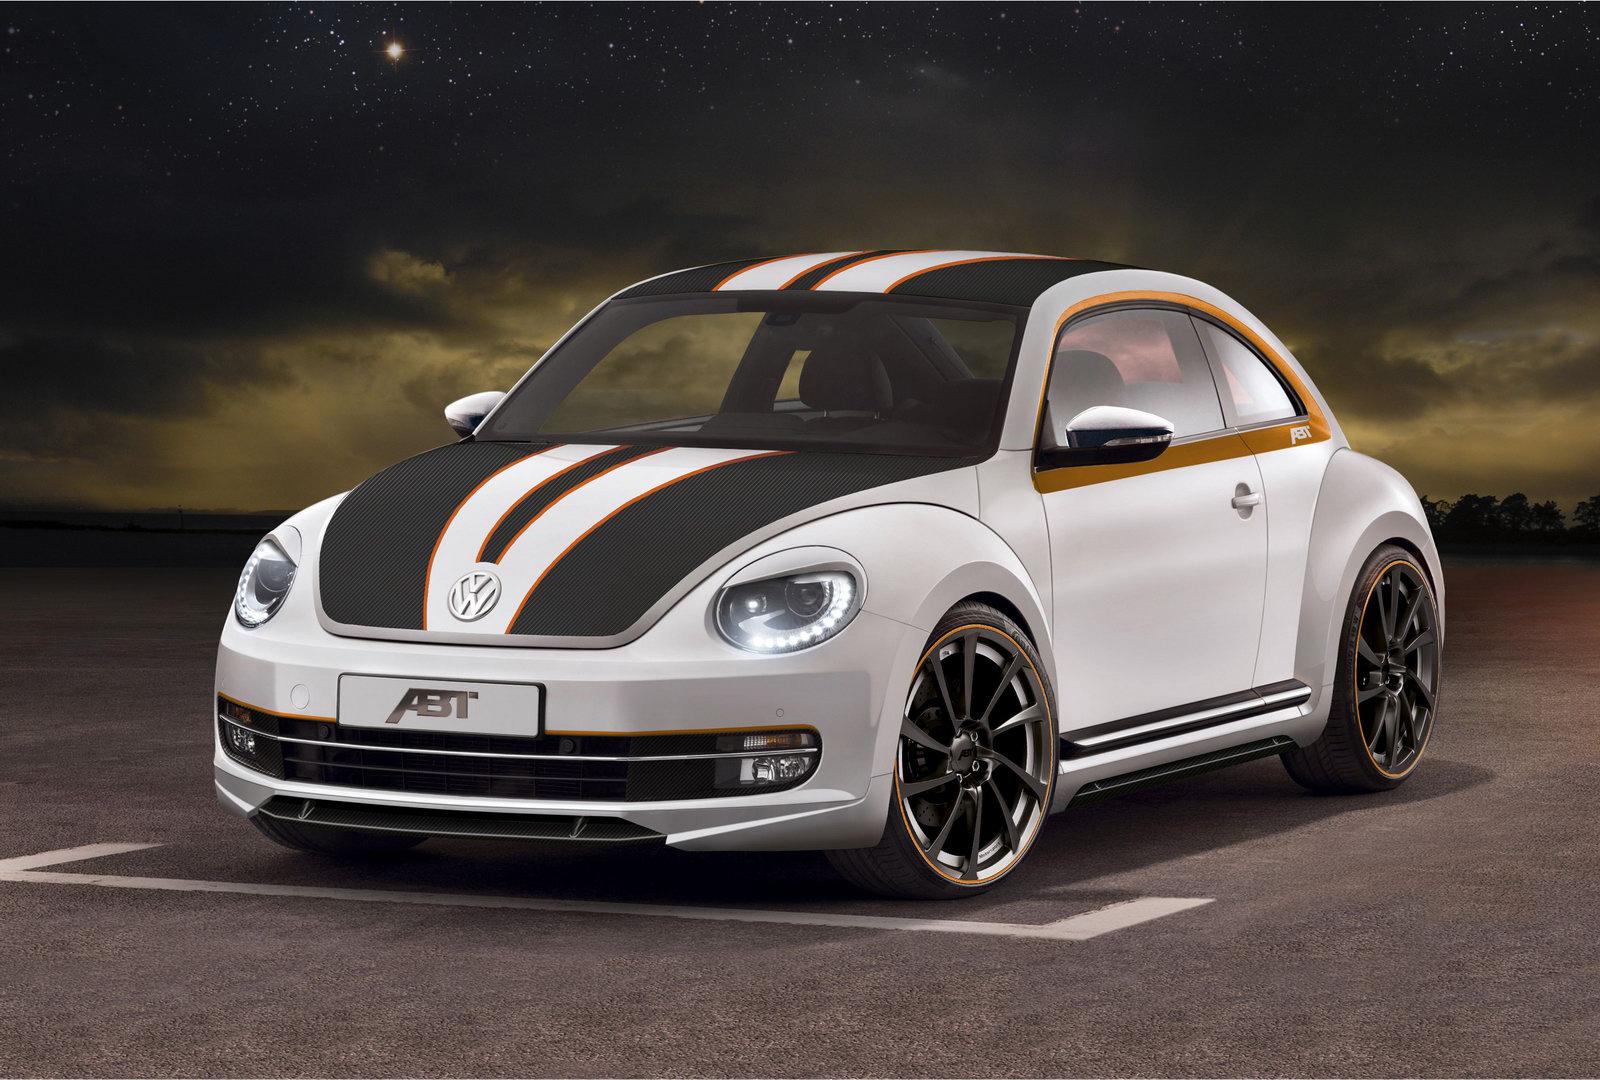 2012 VW Beetle od ABT Sportsline 1